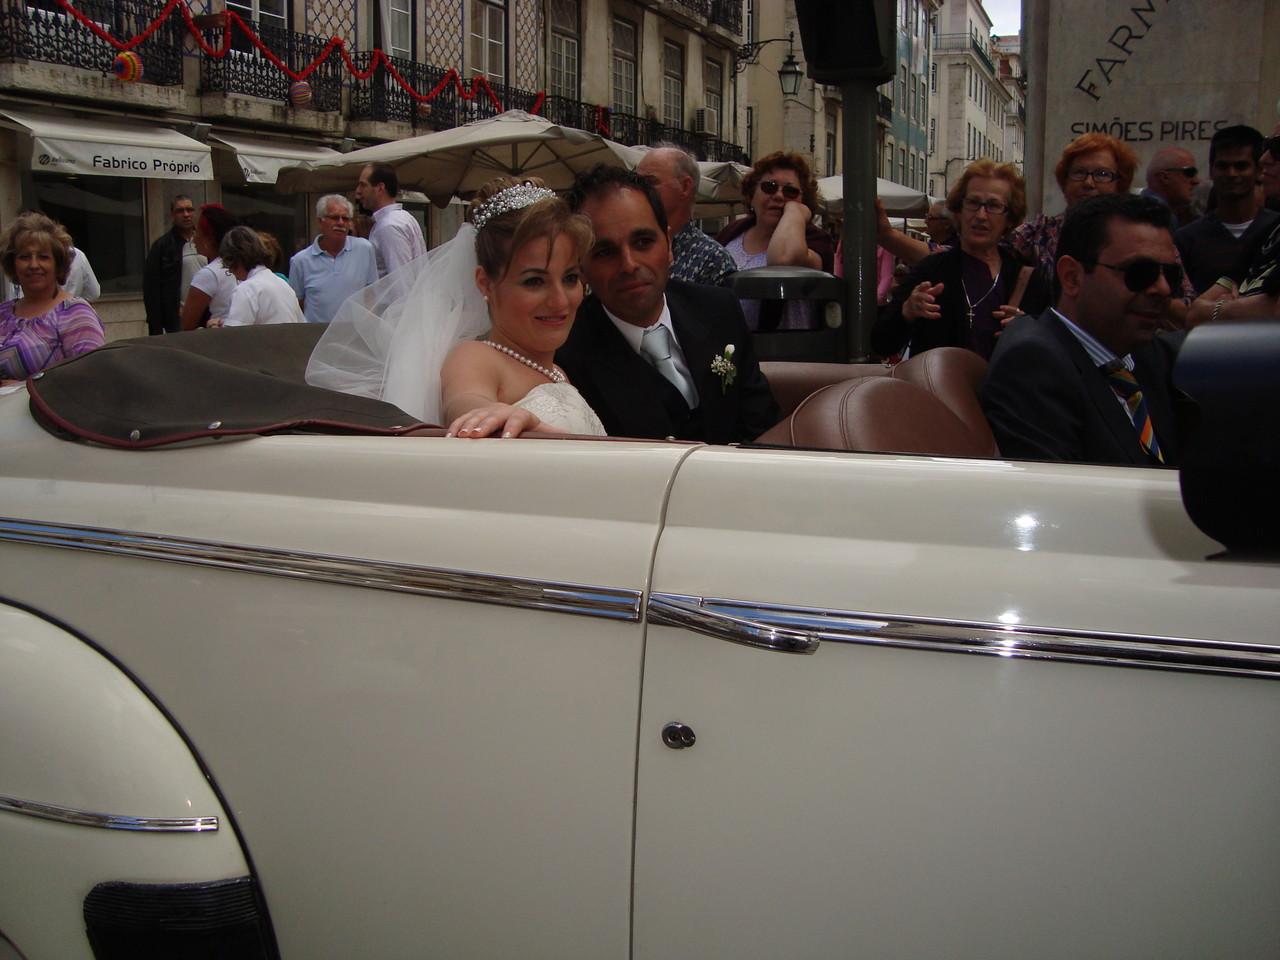 花嫁花婿を載せた車がたくさん走って街中は愛でいっぱいです!!